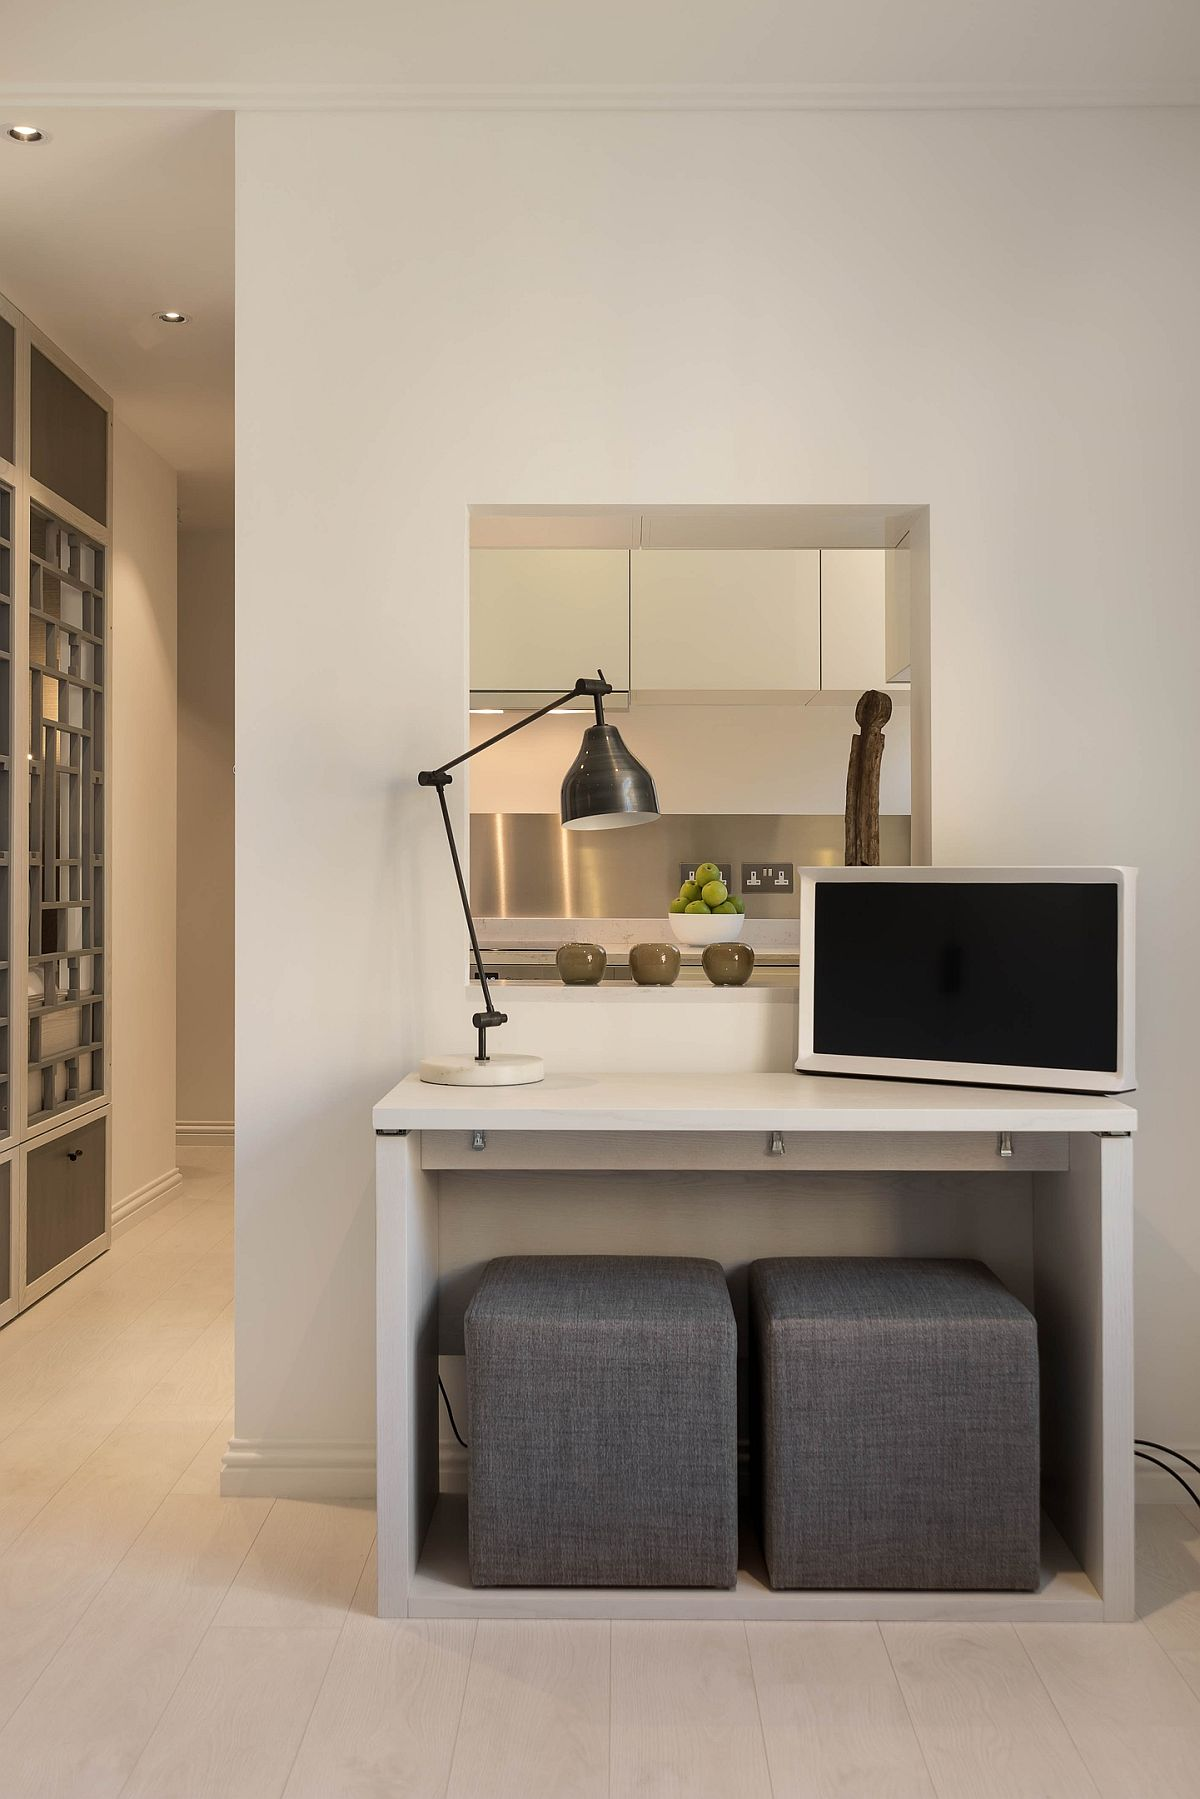 Locul de birou este și loc de tv, dar piesa de mobilier este versatilă putînd fi extinsă ca și masă în cameră. Un mic oficiu către bucătărie alungă senzația de spațiu mic. Taburetele pot deveni locurile de ședere la masa de birou ce poate fi extinsă ca masă de sufragerie.